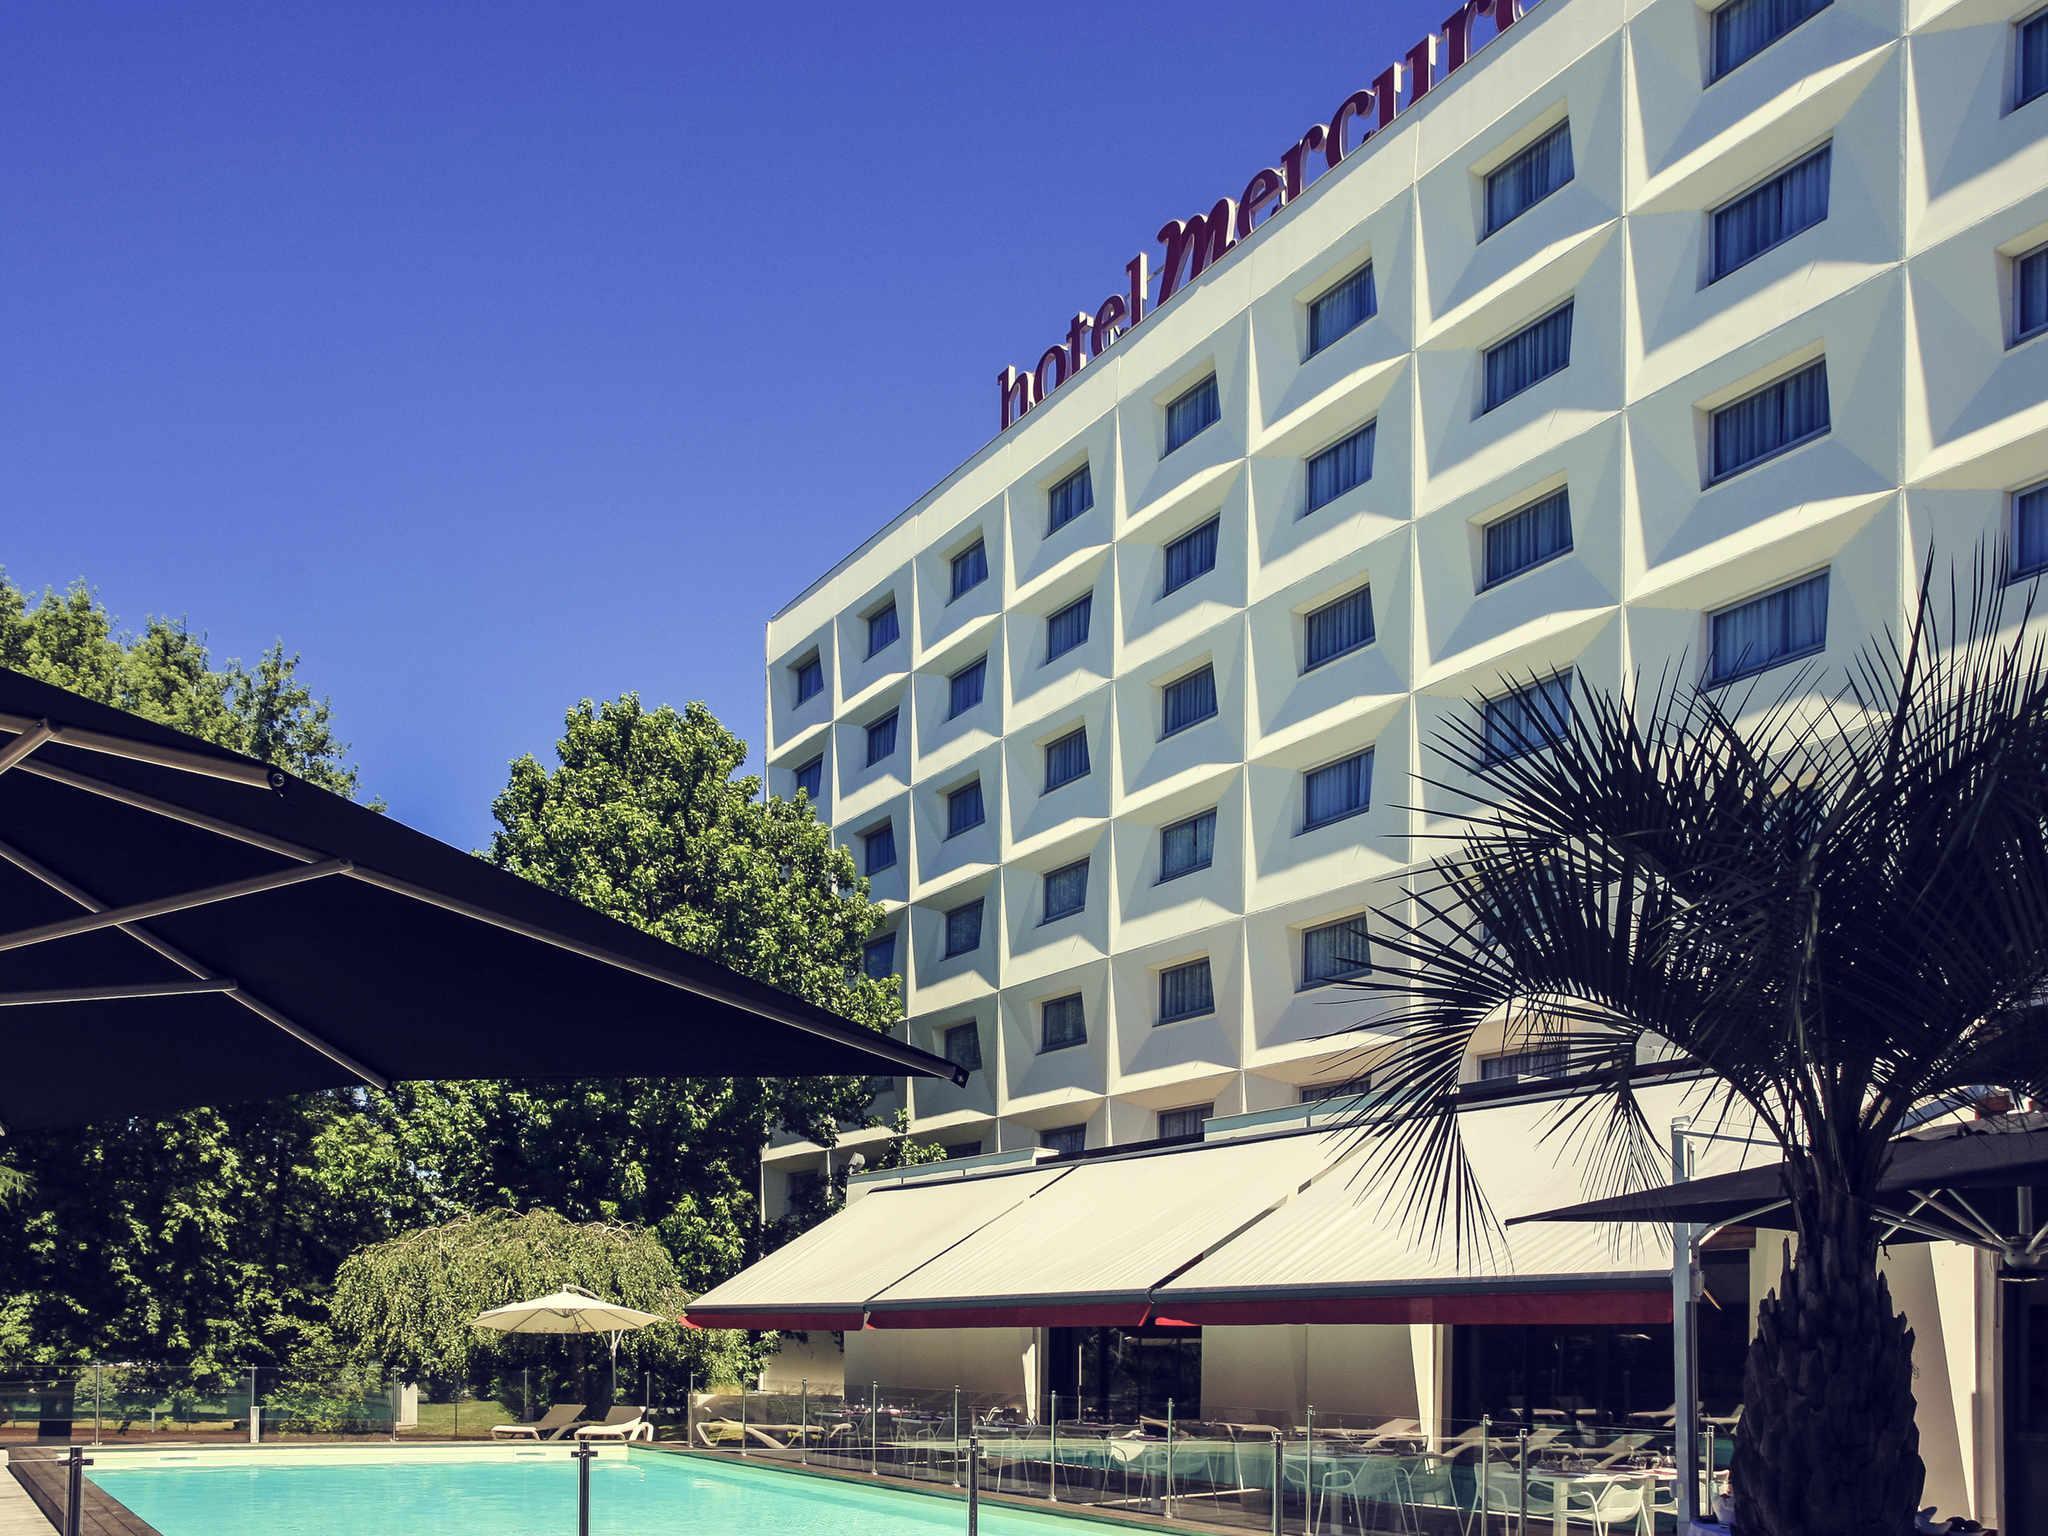 酒店 – 波尔多湖滨美居酒店